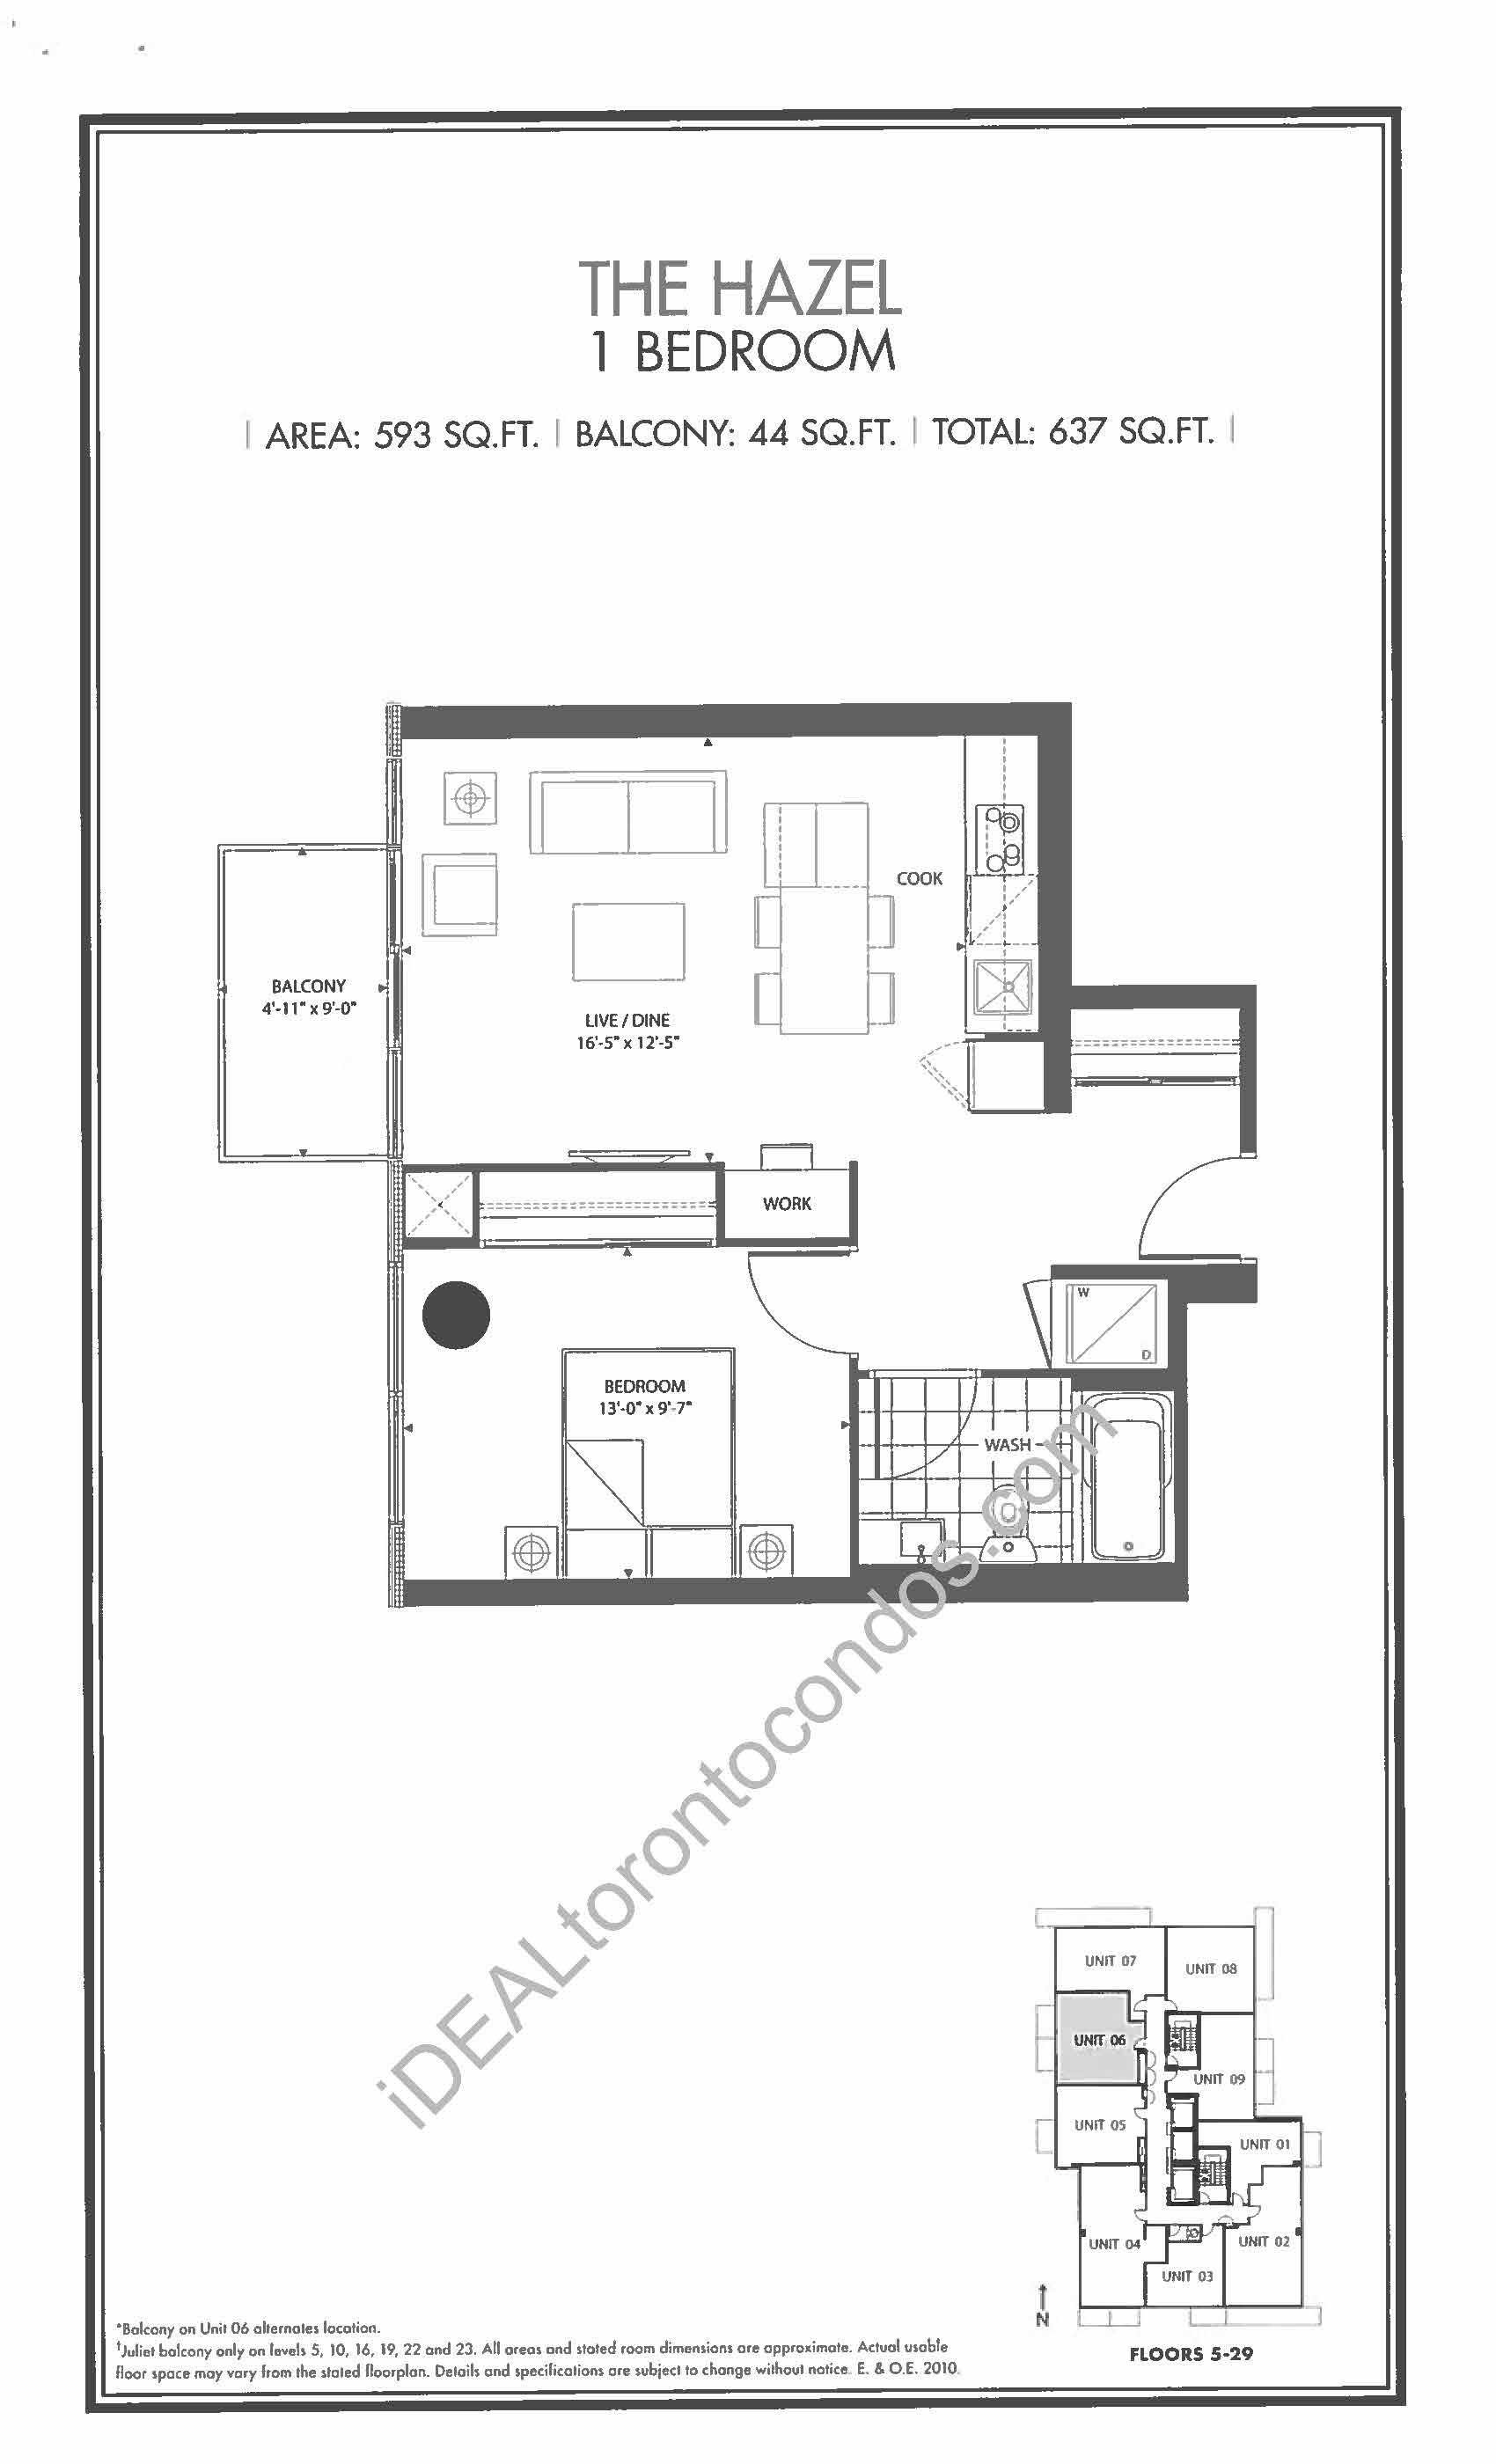 The Hazel - 1 Bedroom